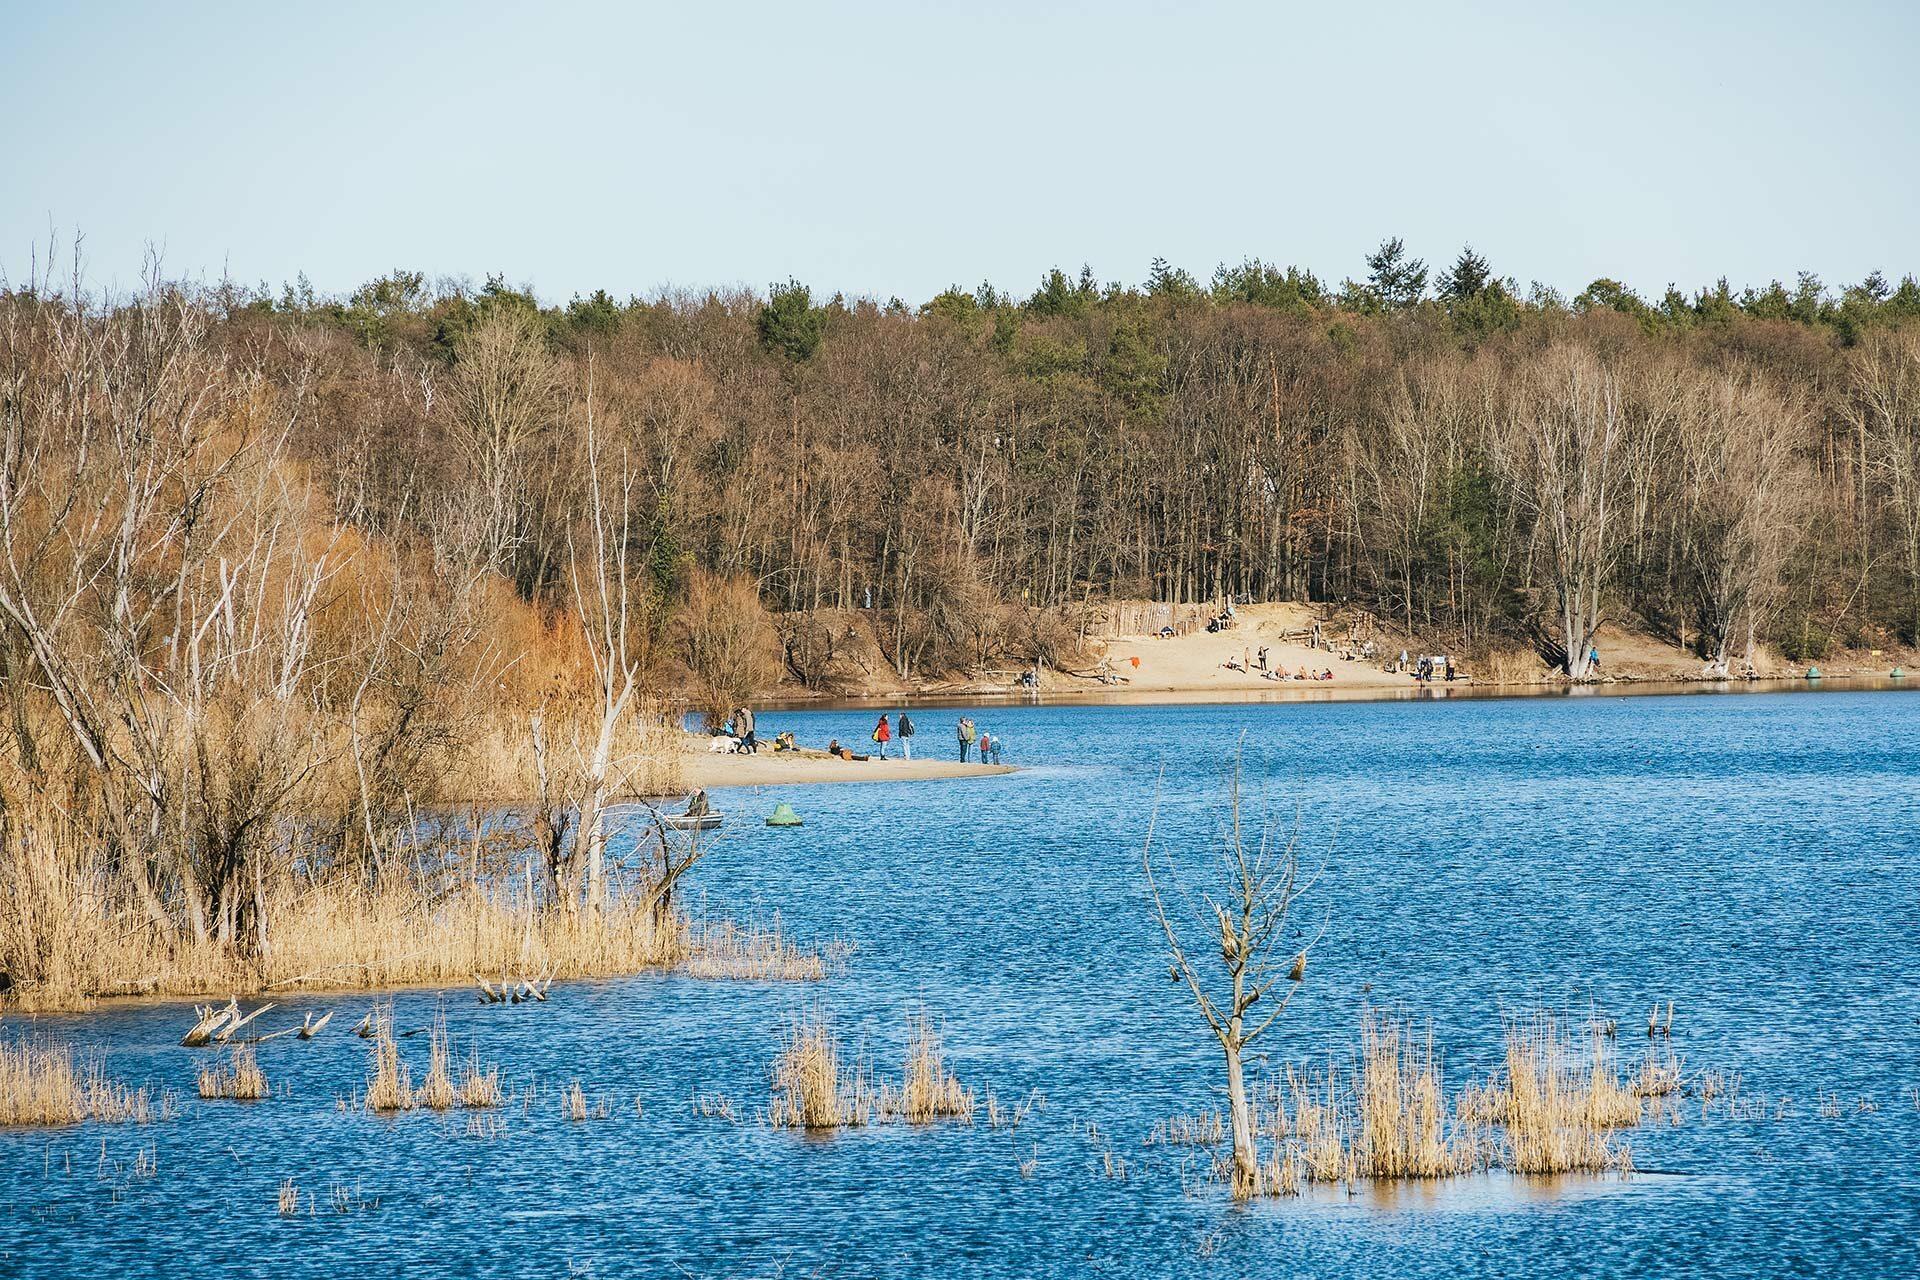 Der Flughafensee im Forst Jungfernheide lädt im Sommer zum Baden ein und an allen anderen Tagen zum Wandern oder Spazierengehen